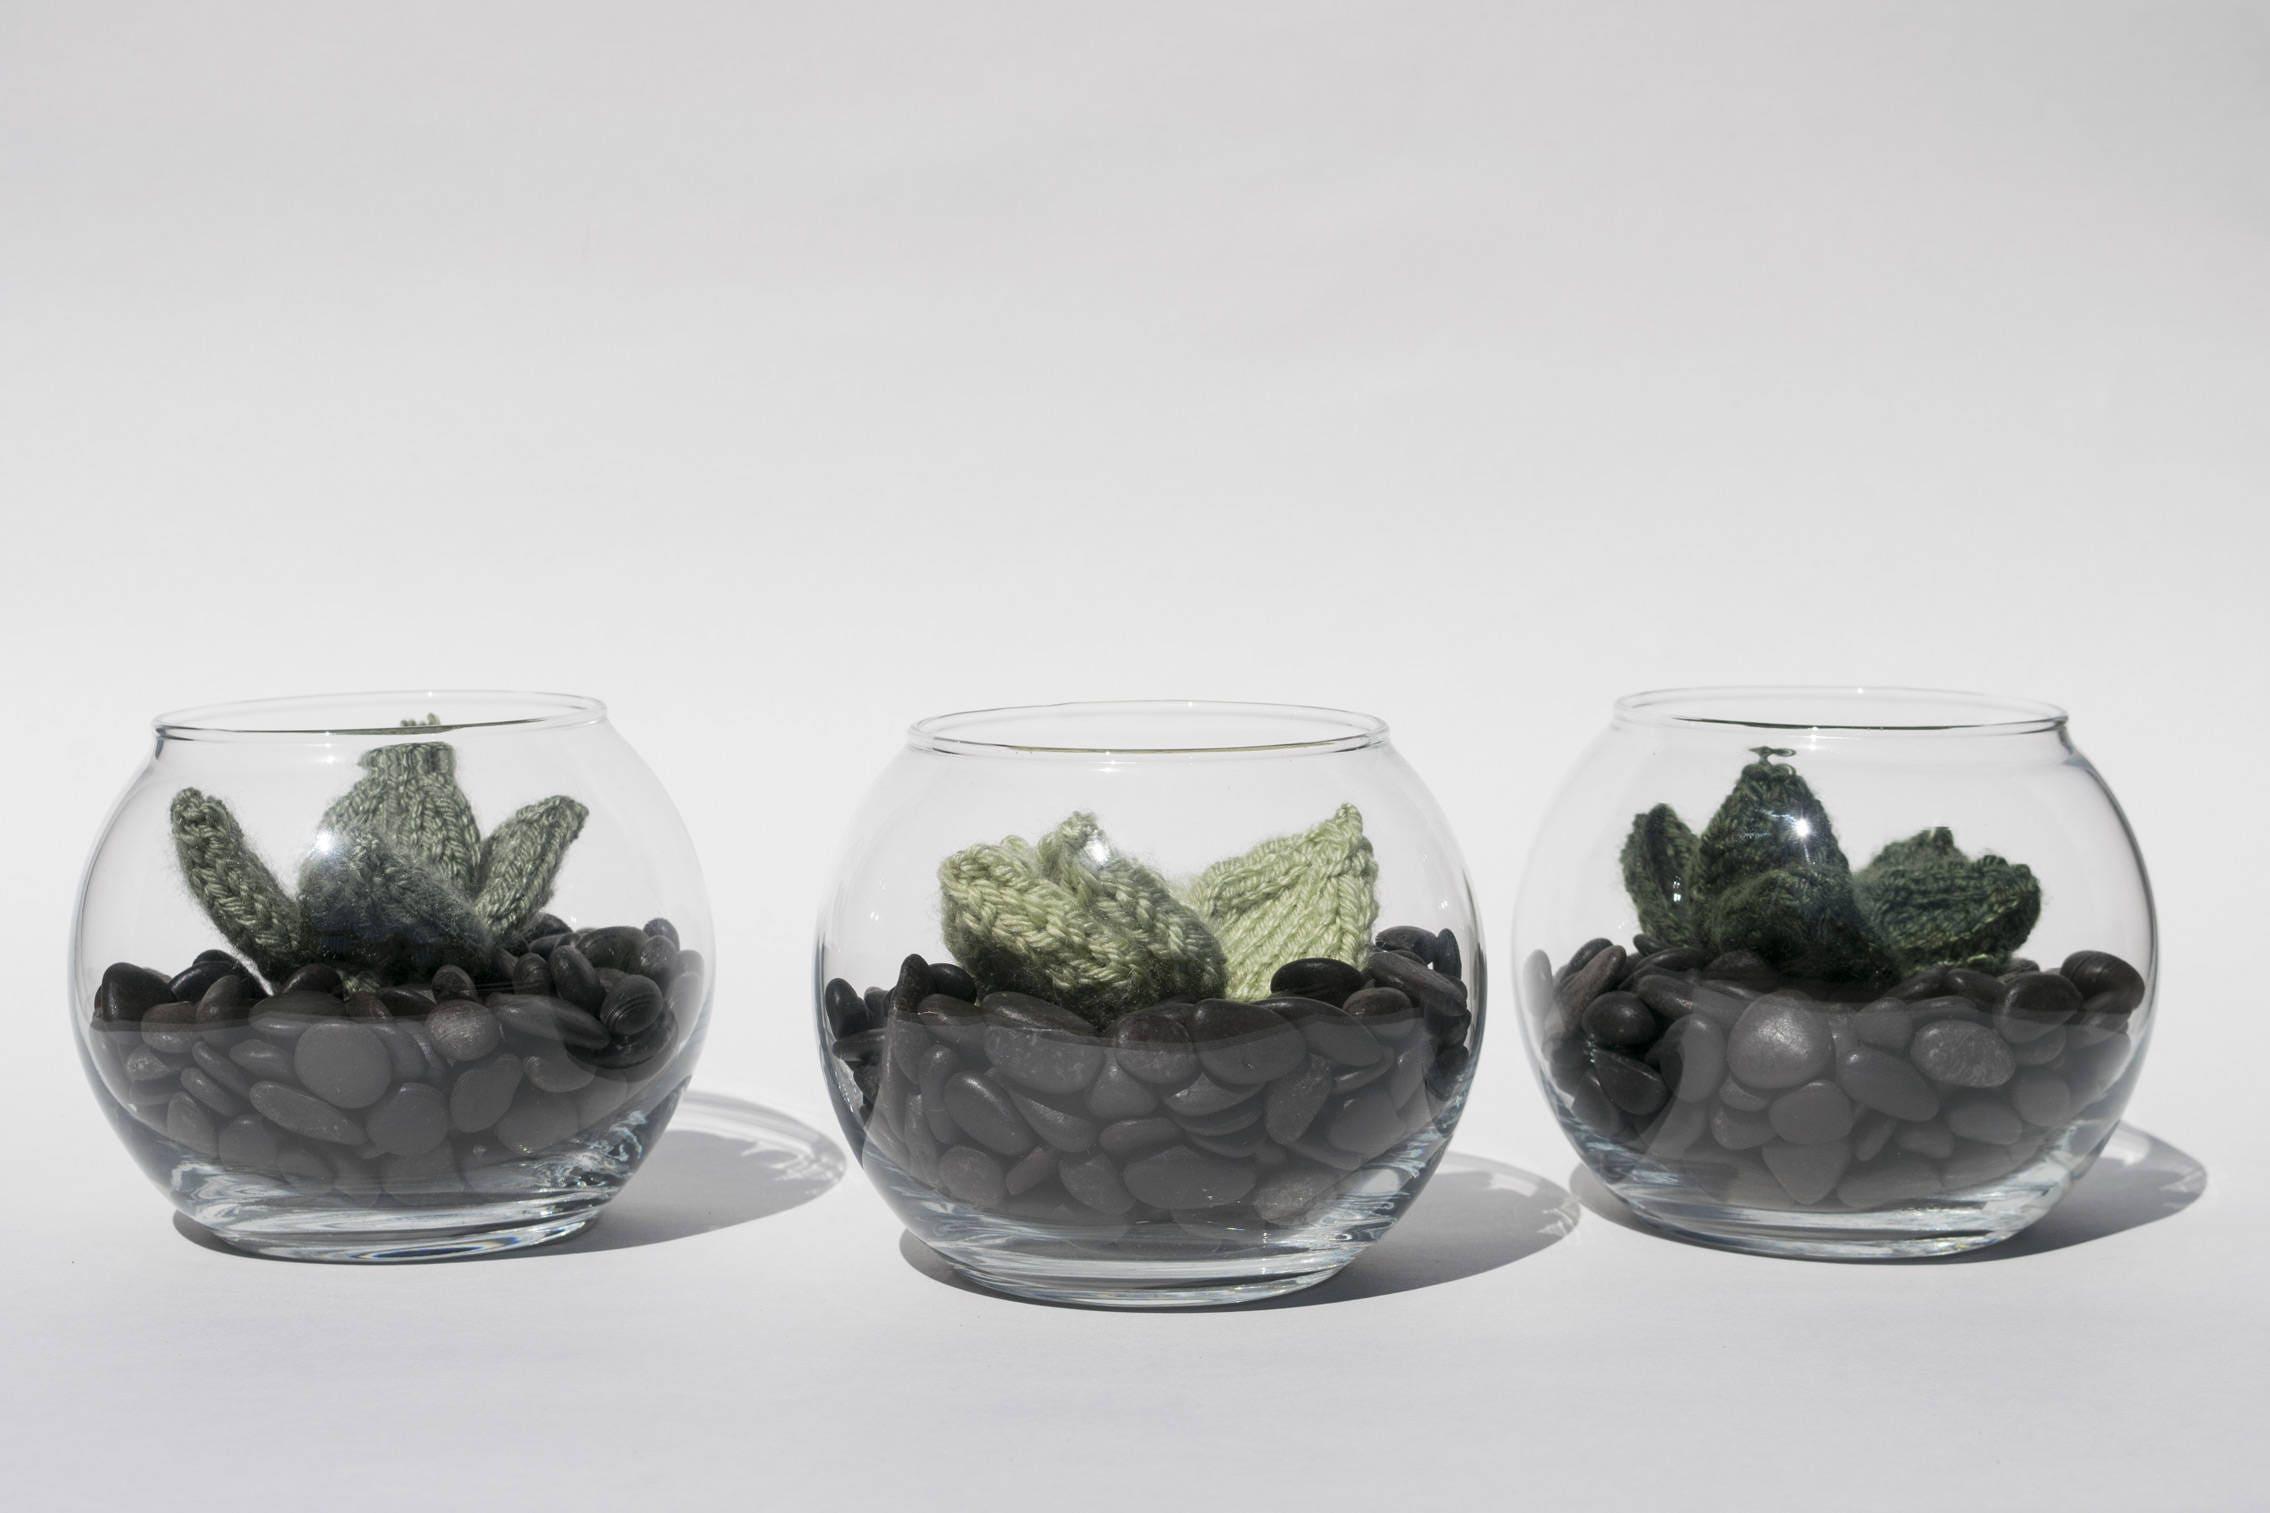 La bulle cactus plante en laine dans un petit terrarium - Petit terrarium ...